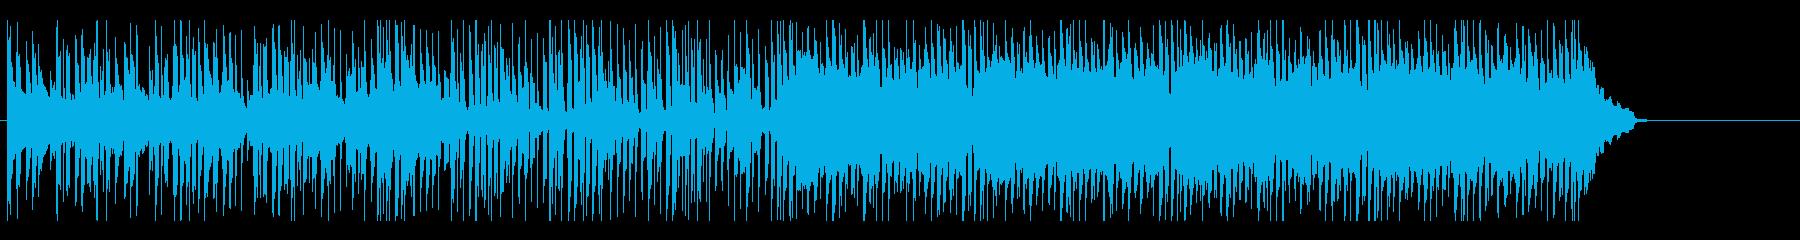 未来 科学 工業 機械 流行 報道の再生済みの波形